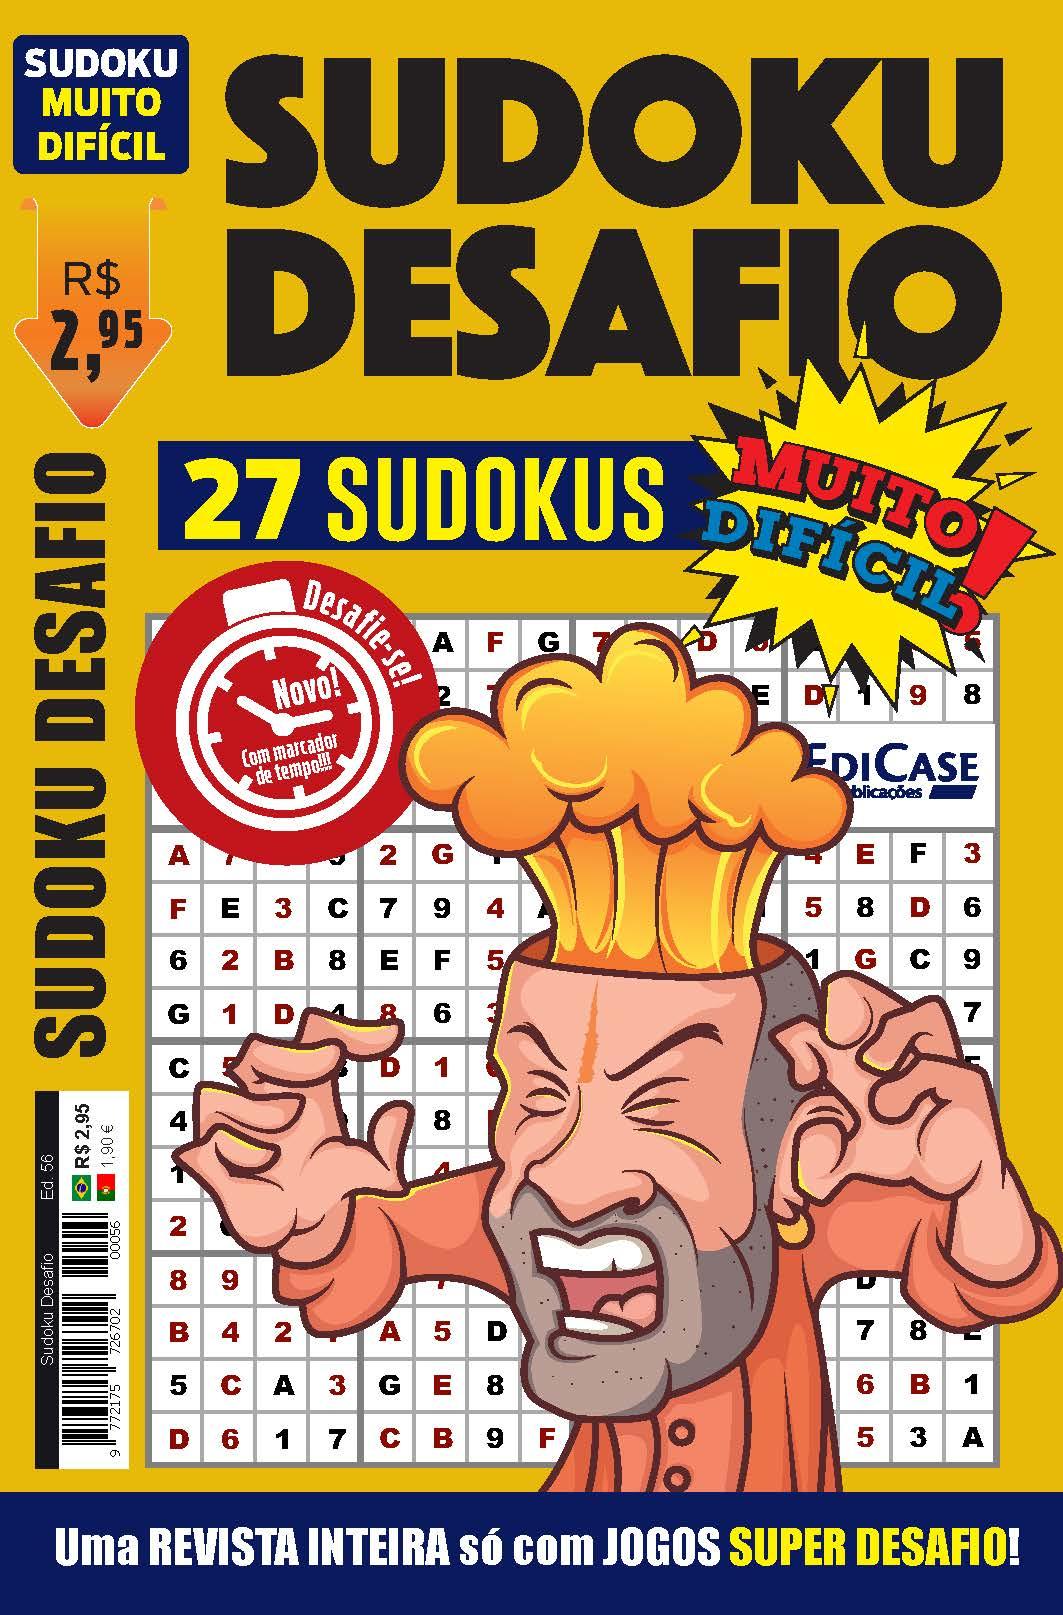 Sudoku Desafio Ed. 56 - Muito Difícil - Só Super Desafio - Com Letras e Números  - EdiCase Publicações